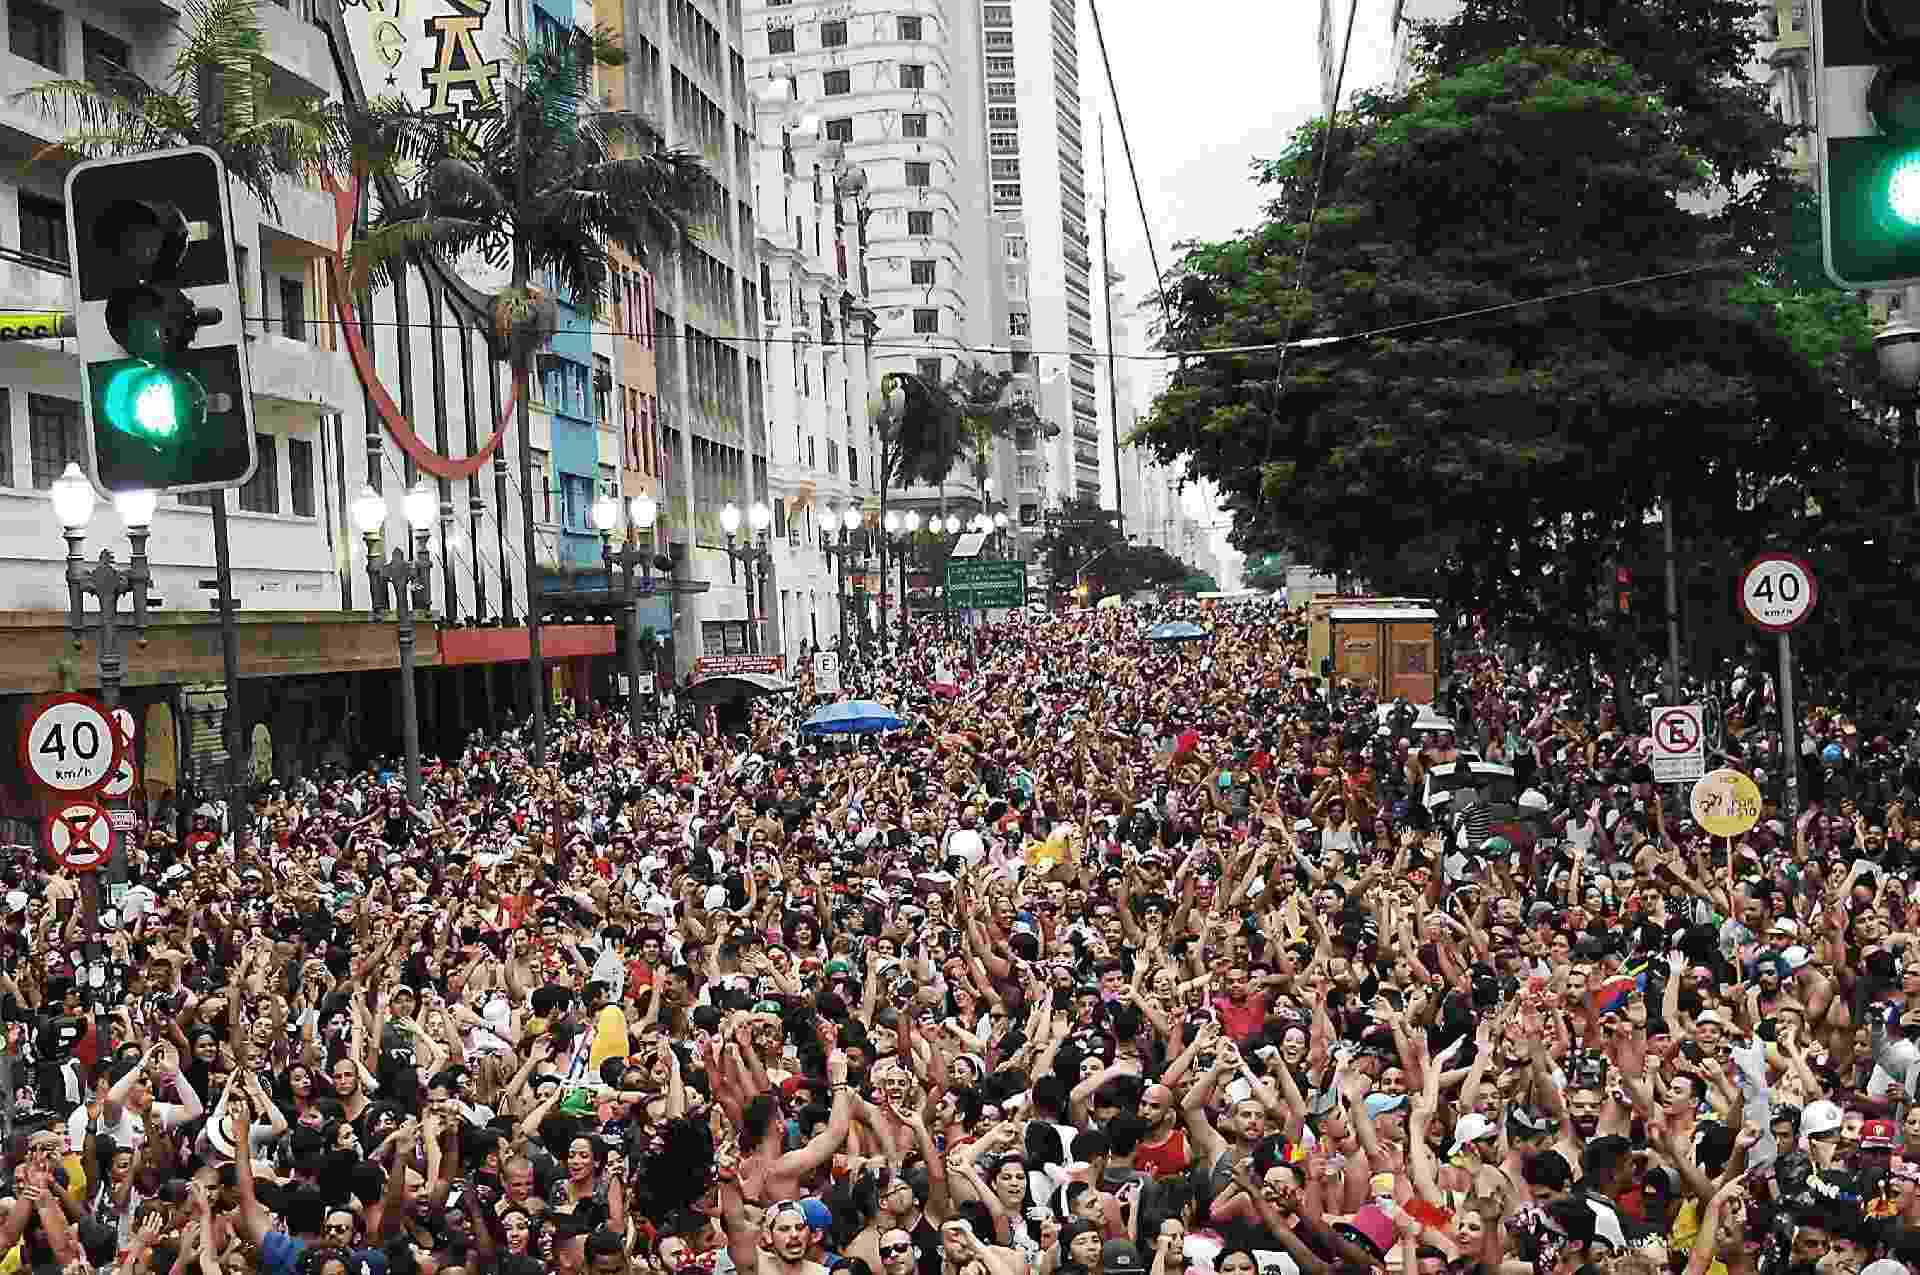 Público lota o Vale do Anhangabaú para seguir o bloco Domingo Ela Não Vai - Reinaldo Canato/UOL